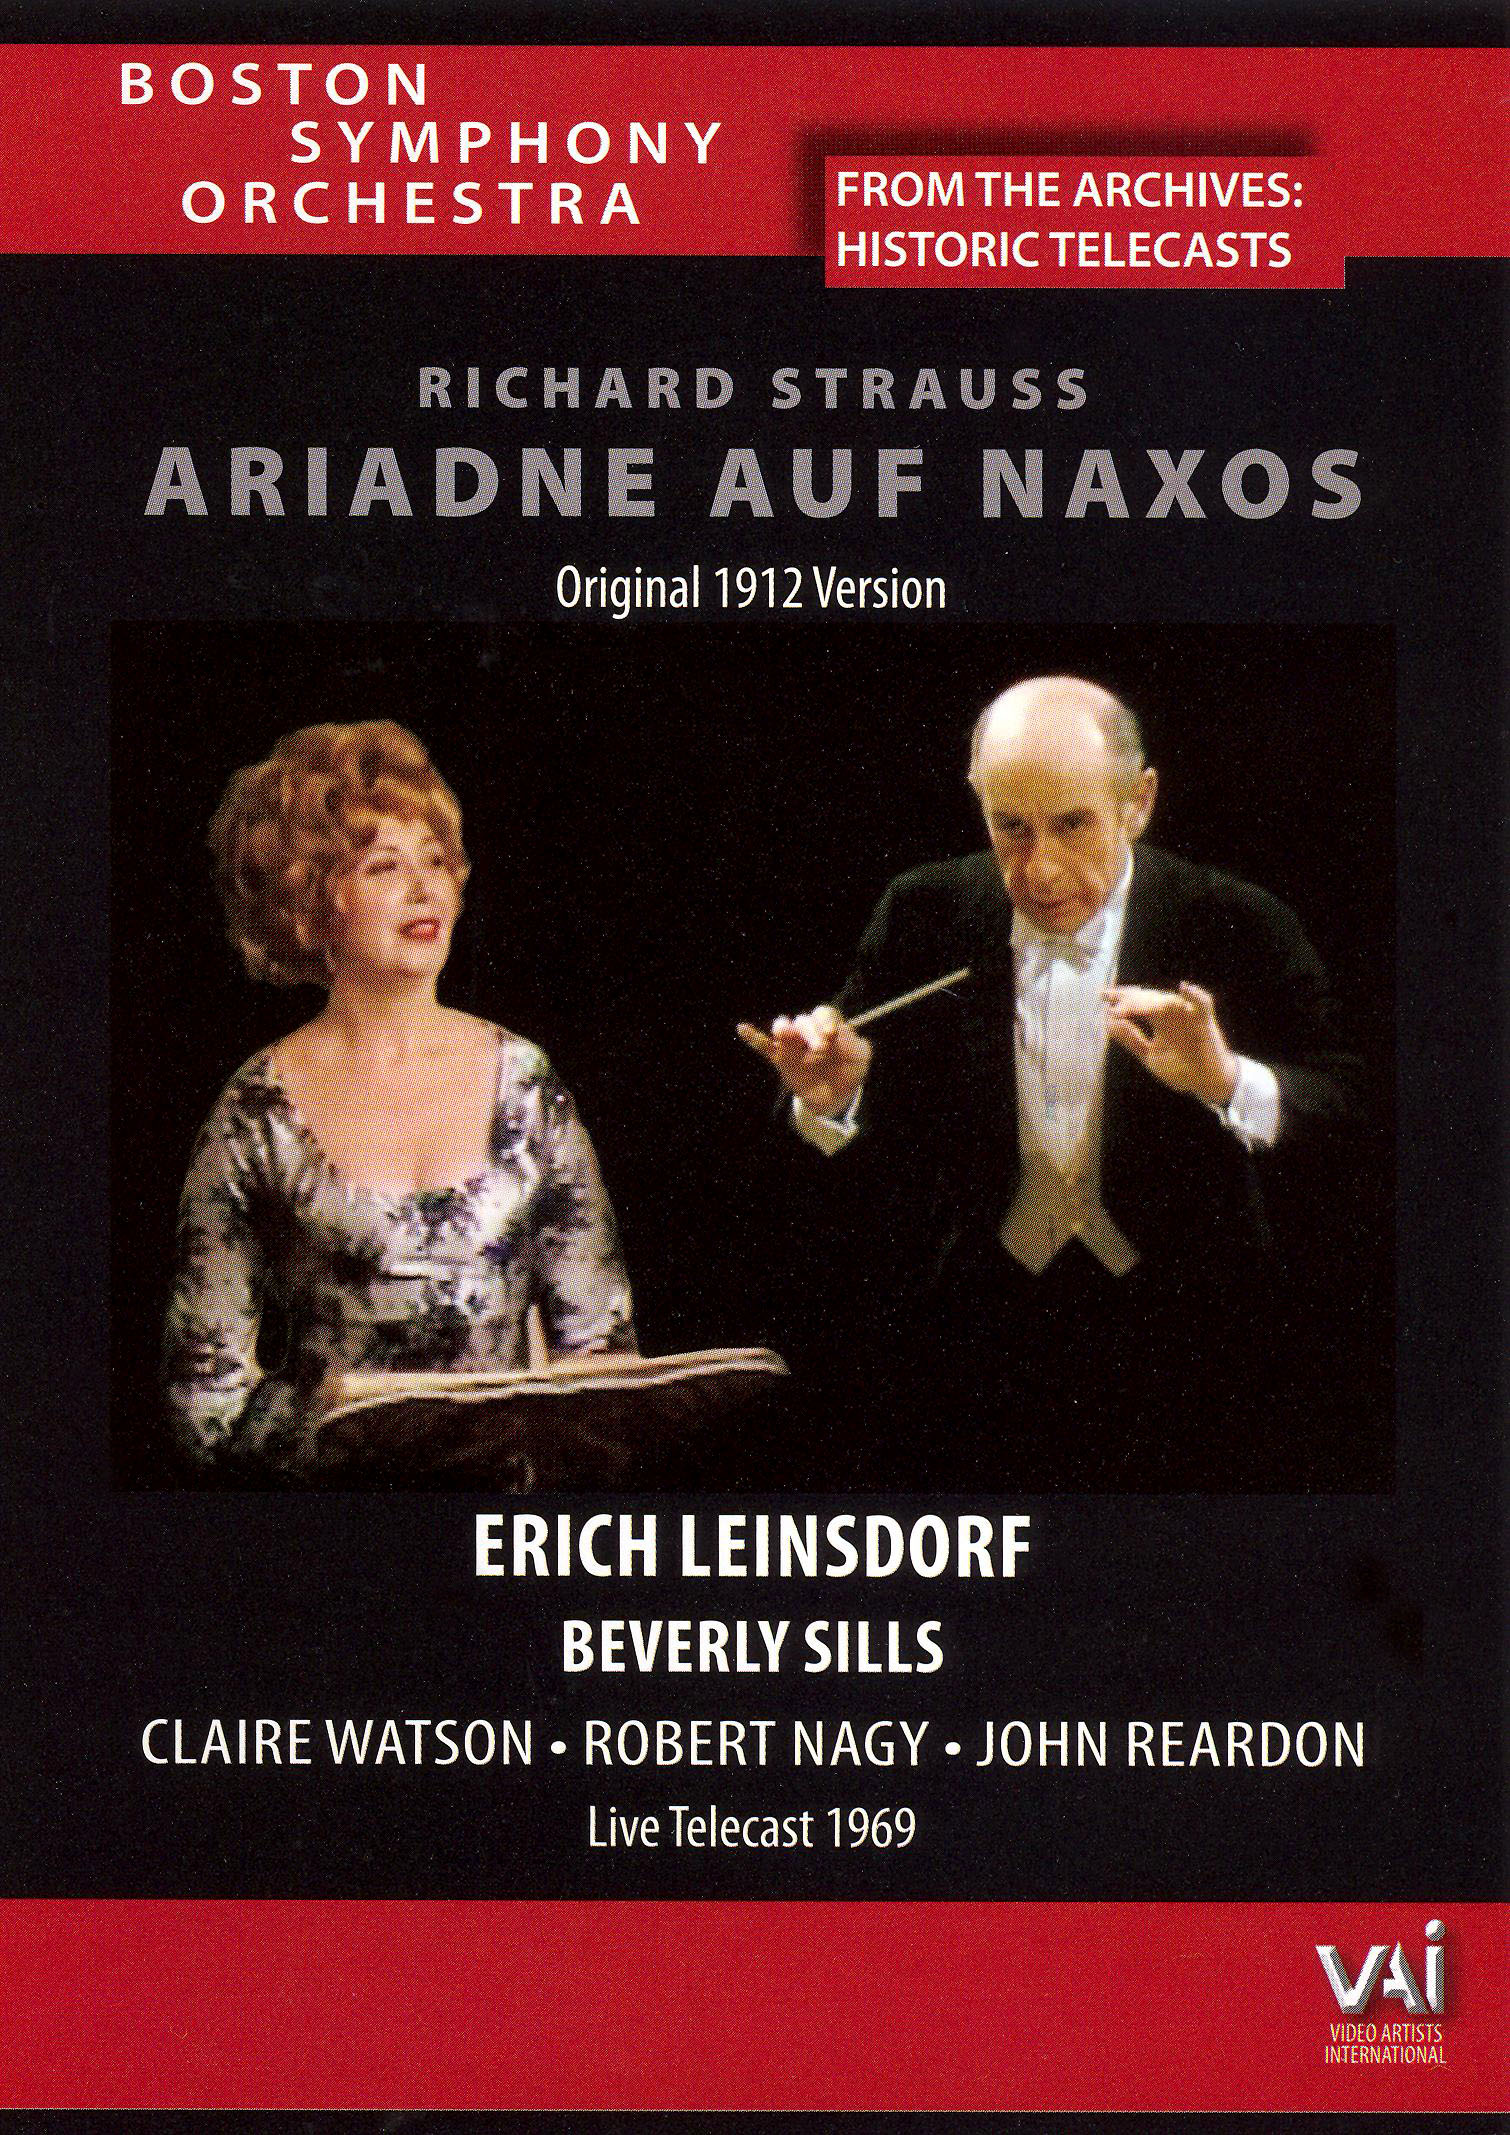 Ariadne auf Naxos: Original 1912 Version